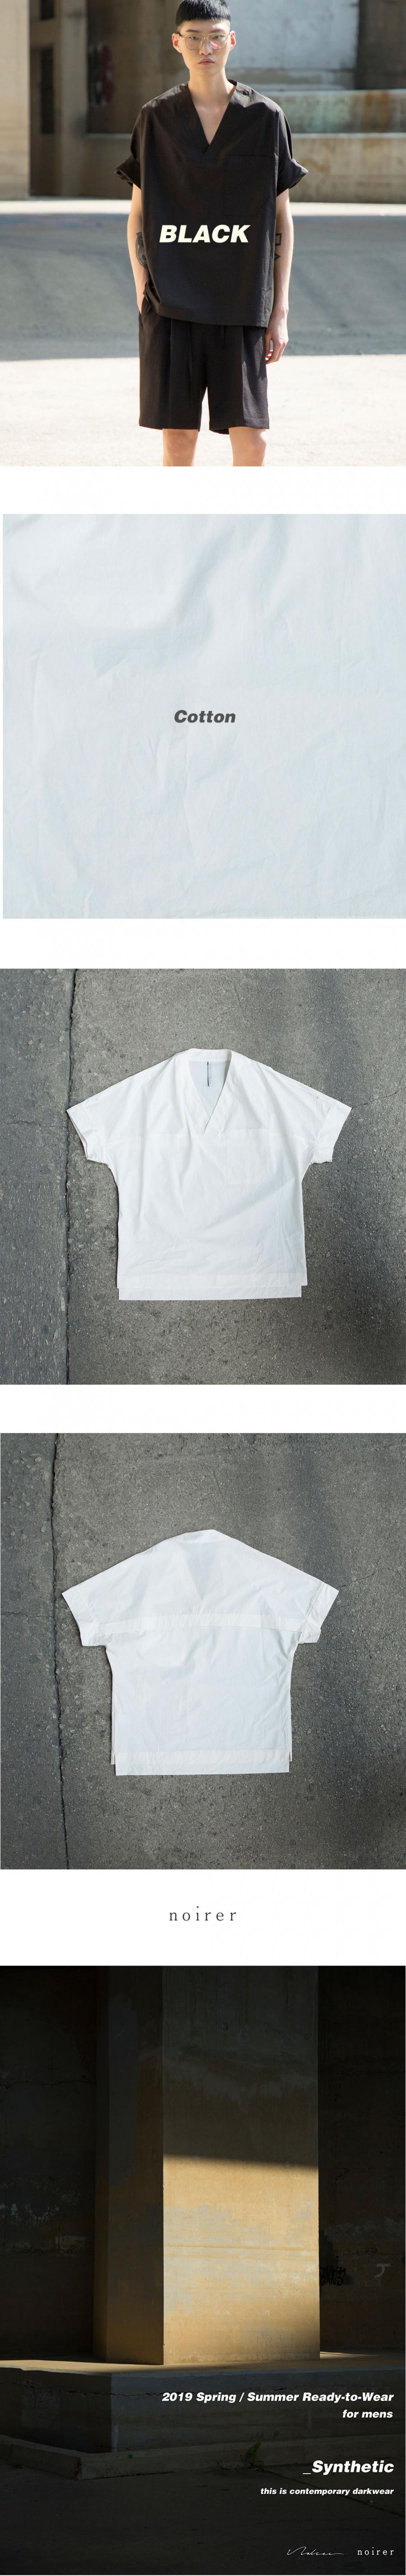 노이어(NOIRER) 오버핏 브이넥 하프 셔츠 화이트